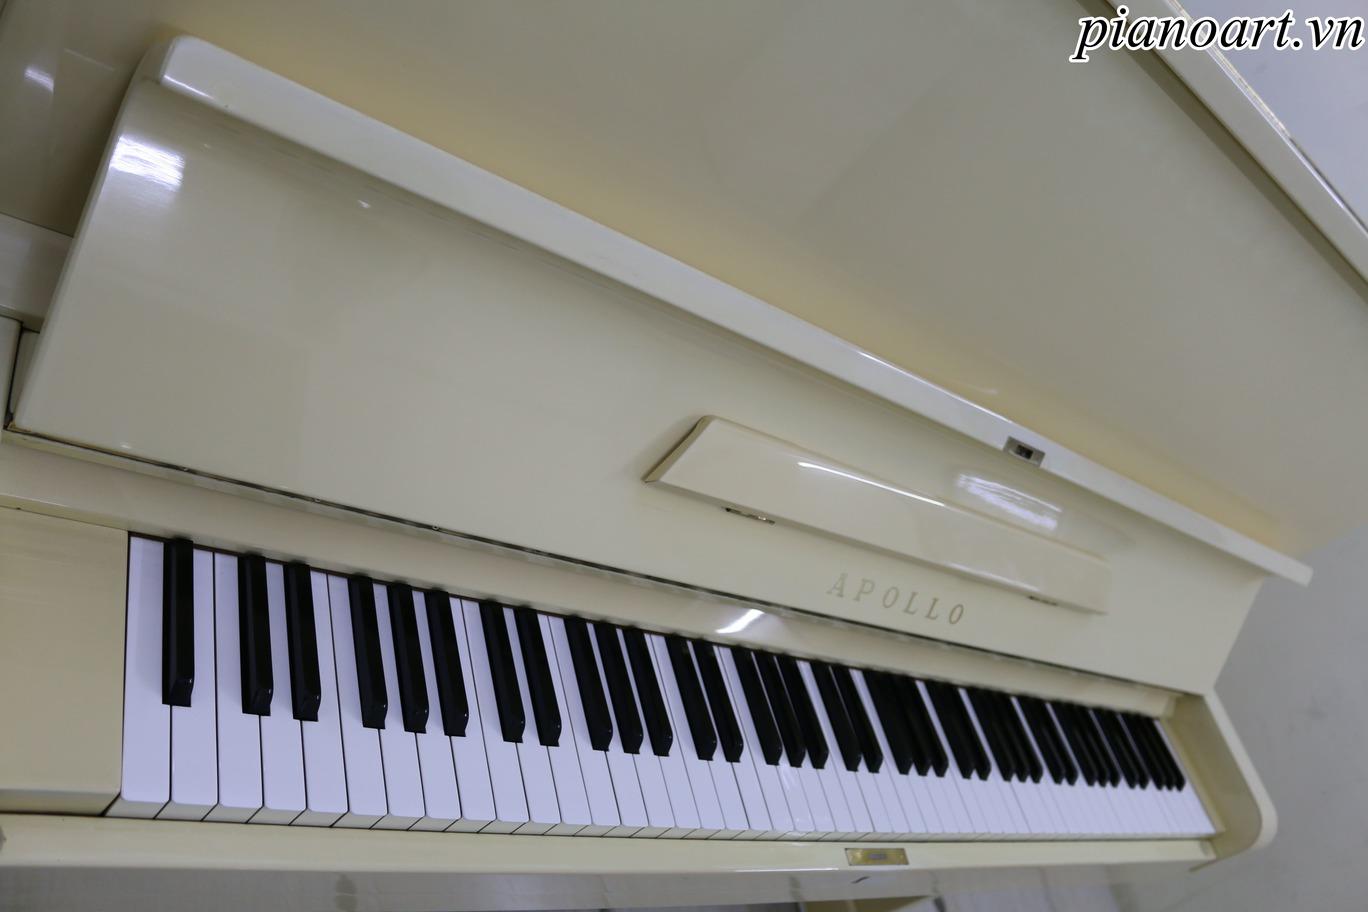 Piano APOLLO